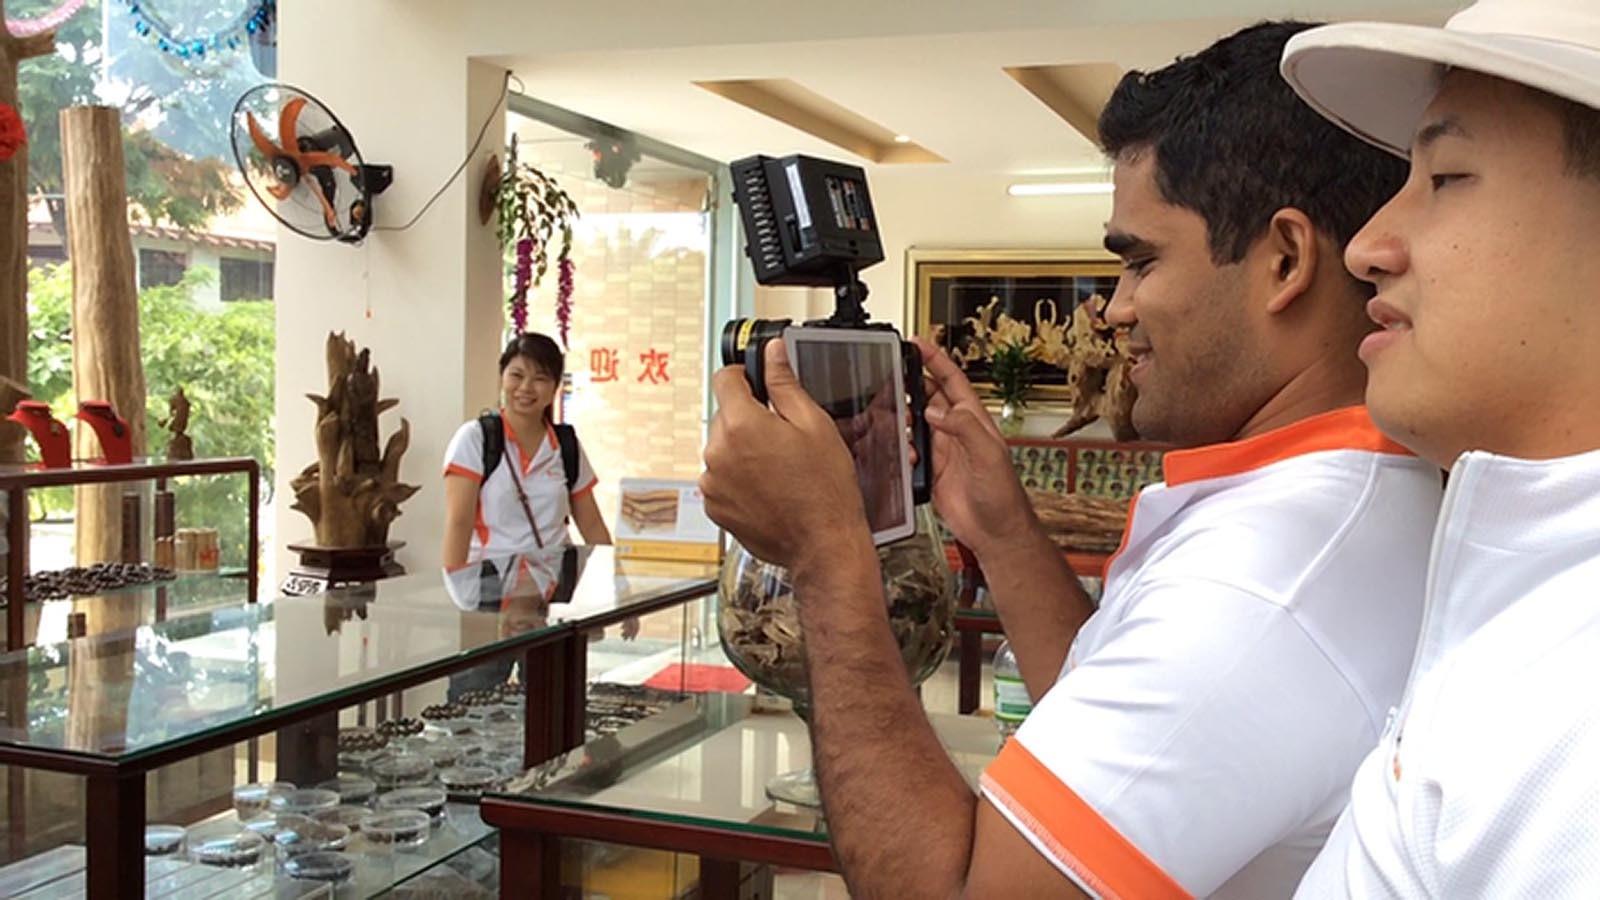 Team nataci zabery z mistniho obchodu a zjistuje informace o miste v Travel Show